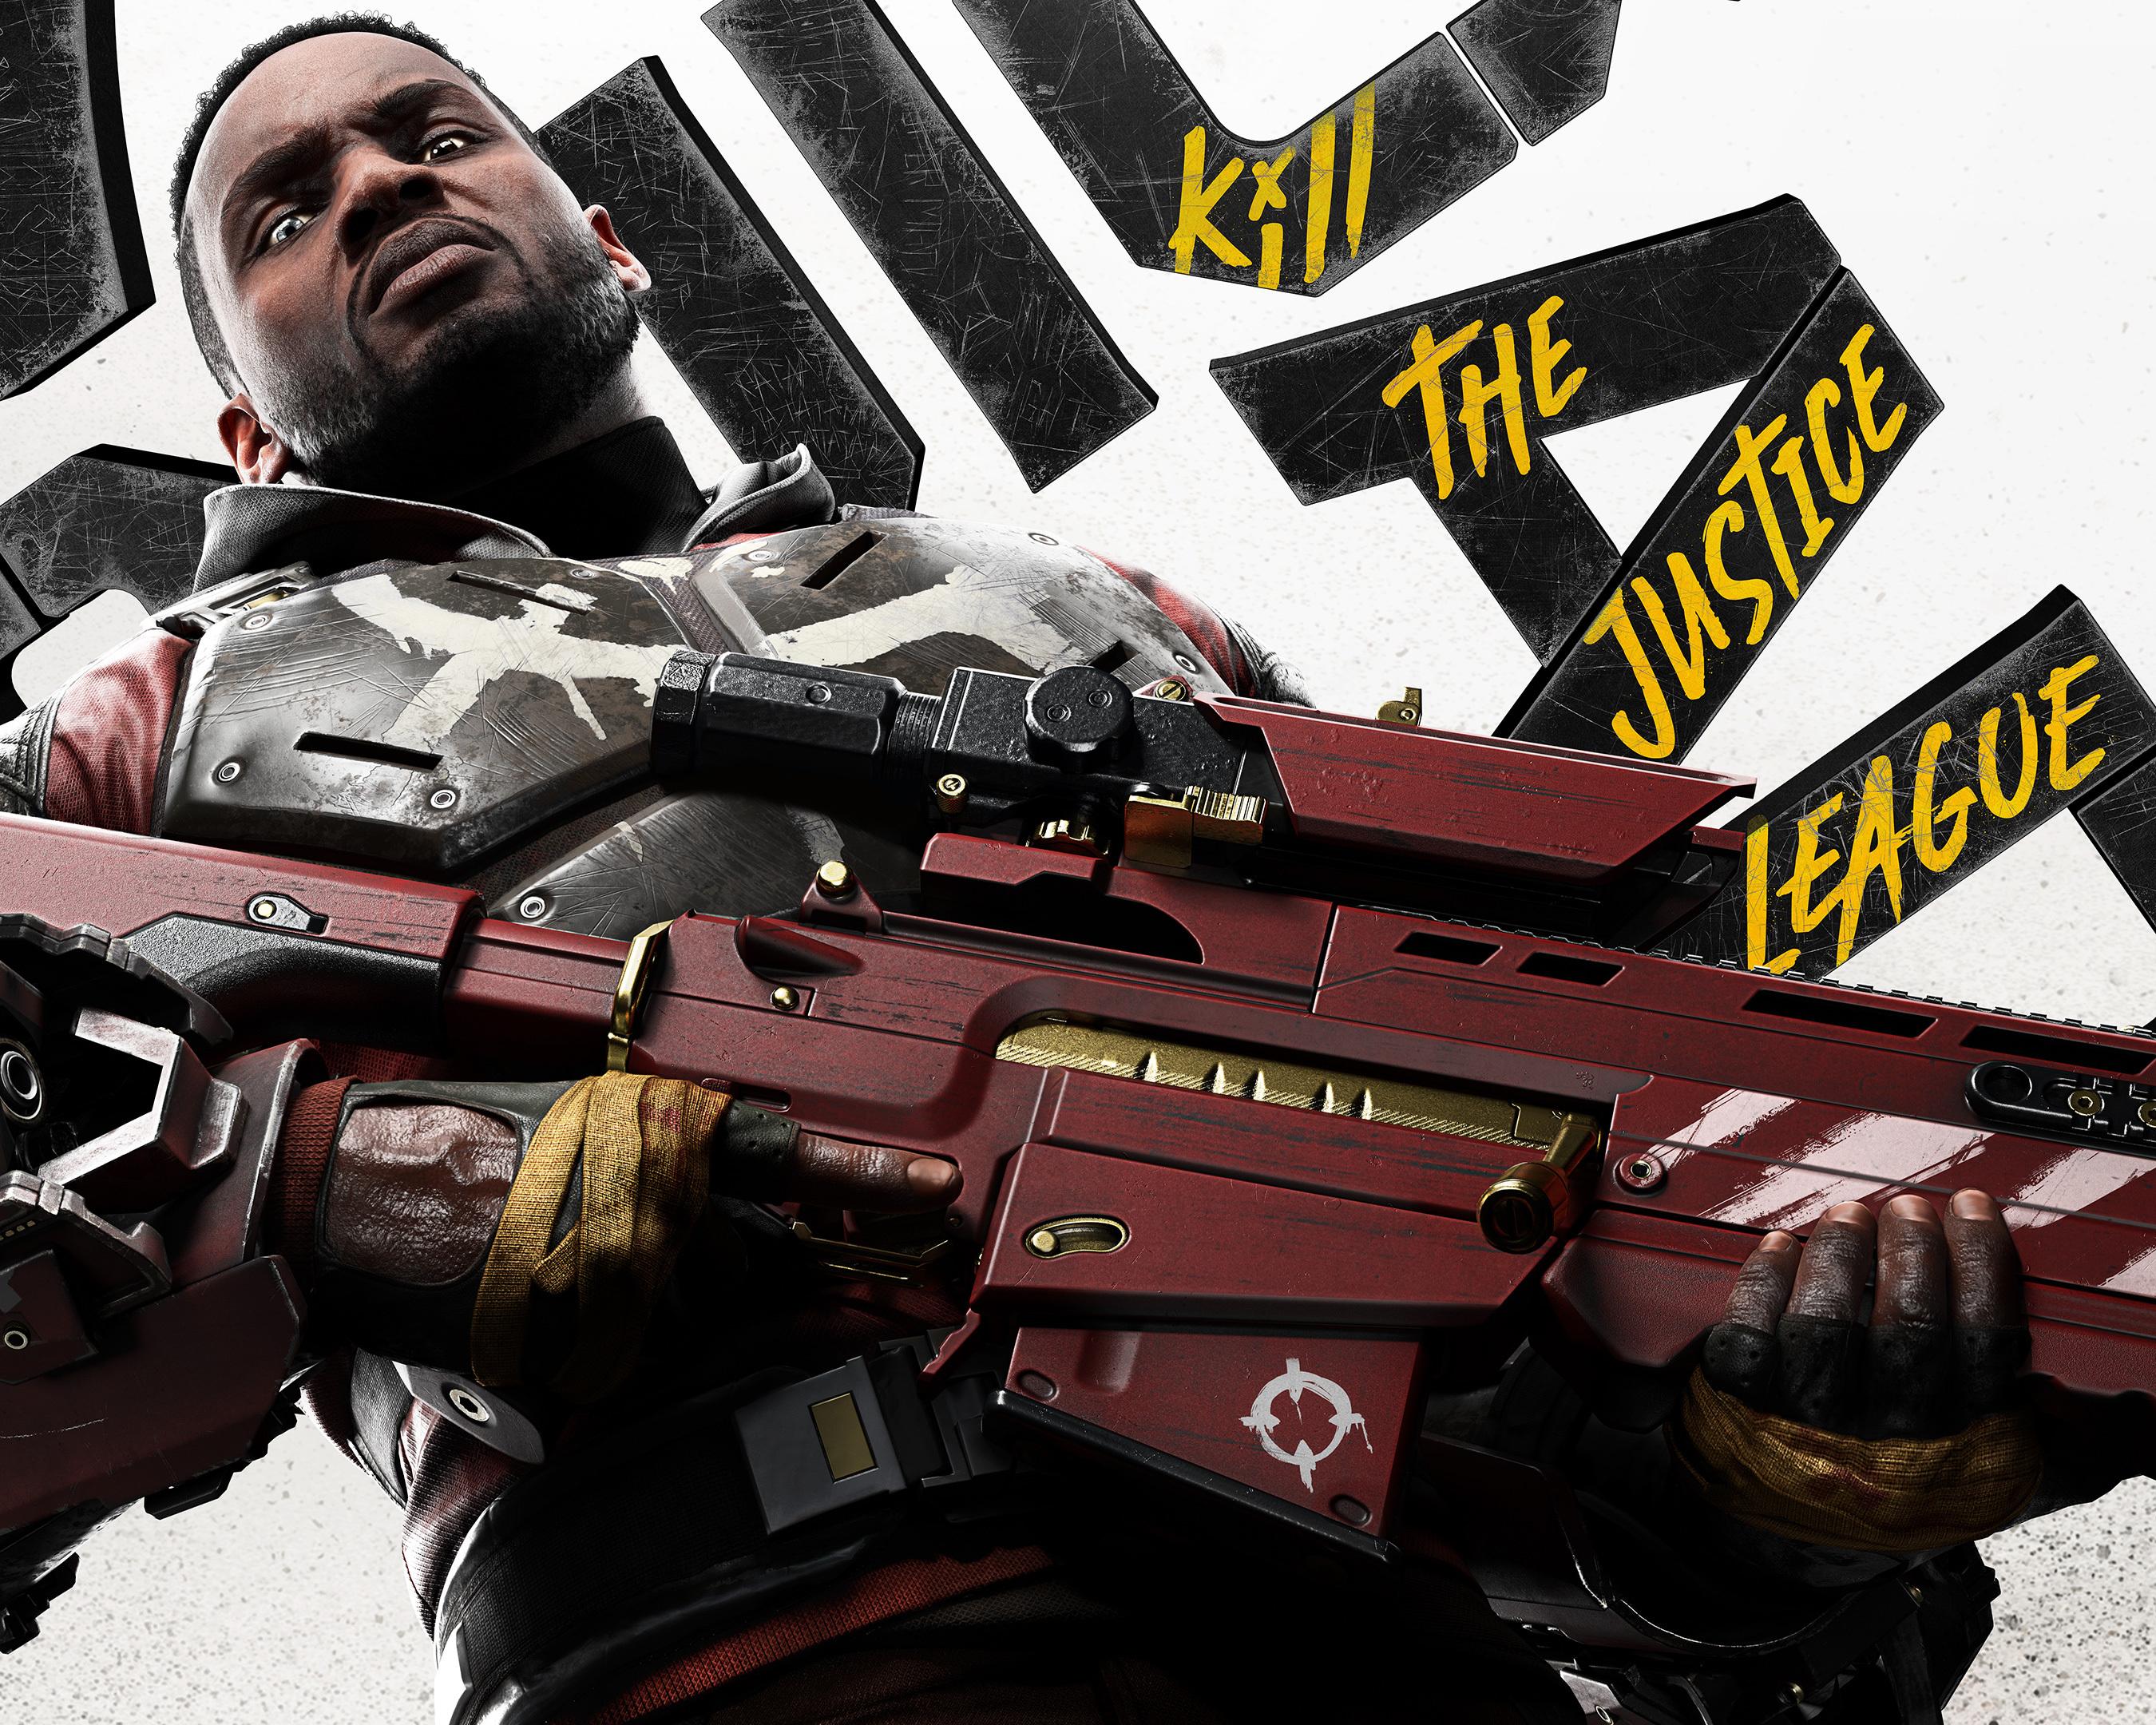 Постеры главных героев Suicide Squad: Kill the Justice League от создателей Batman: Arkham